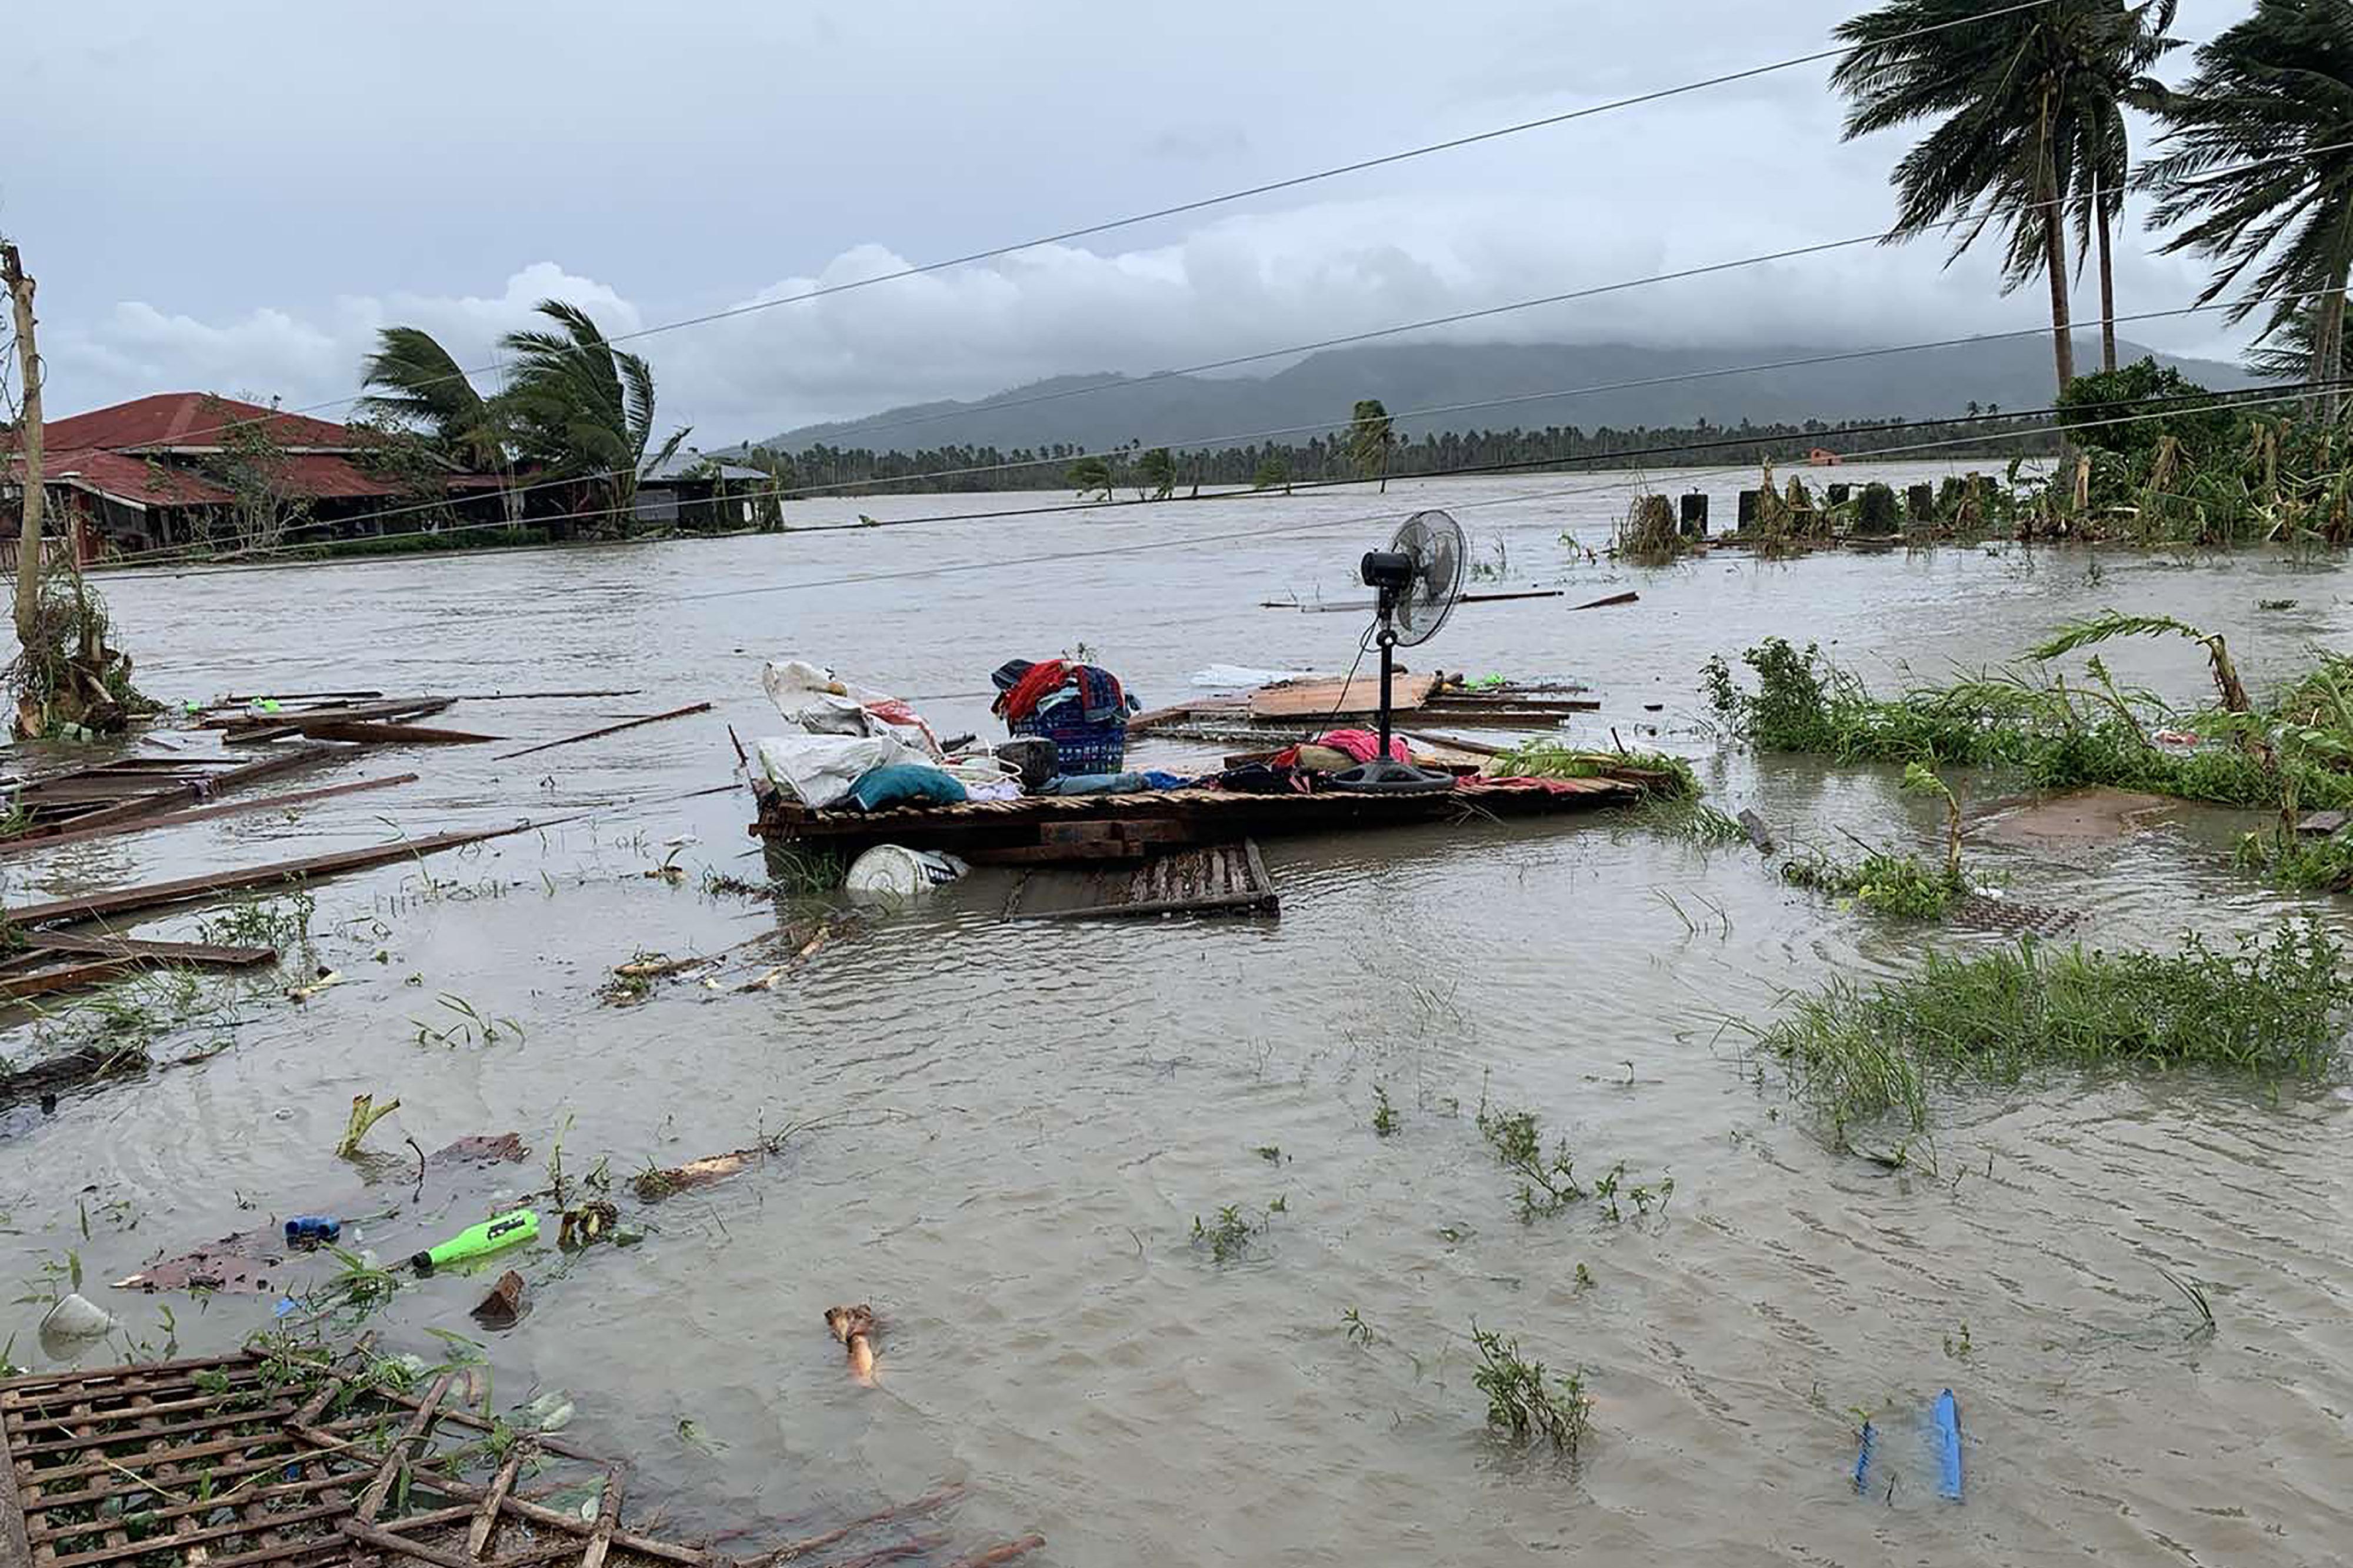 170 km/h-ás széllökésekkel söpört végig a Fülöp-szigeteken a Molave tájfun